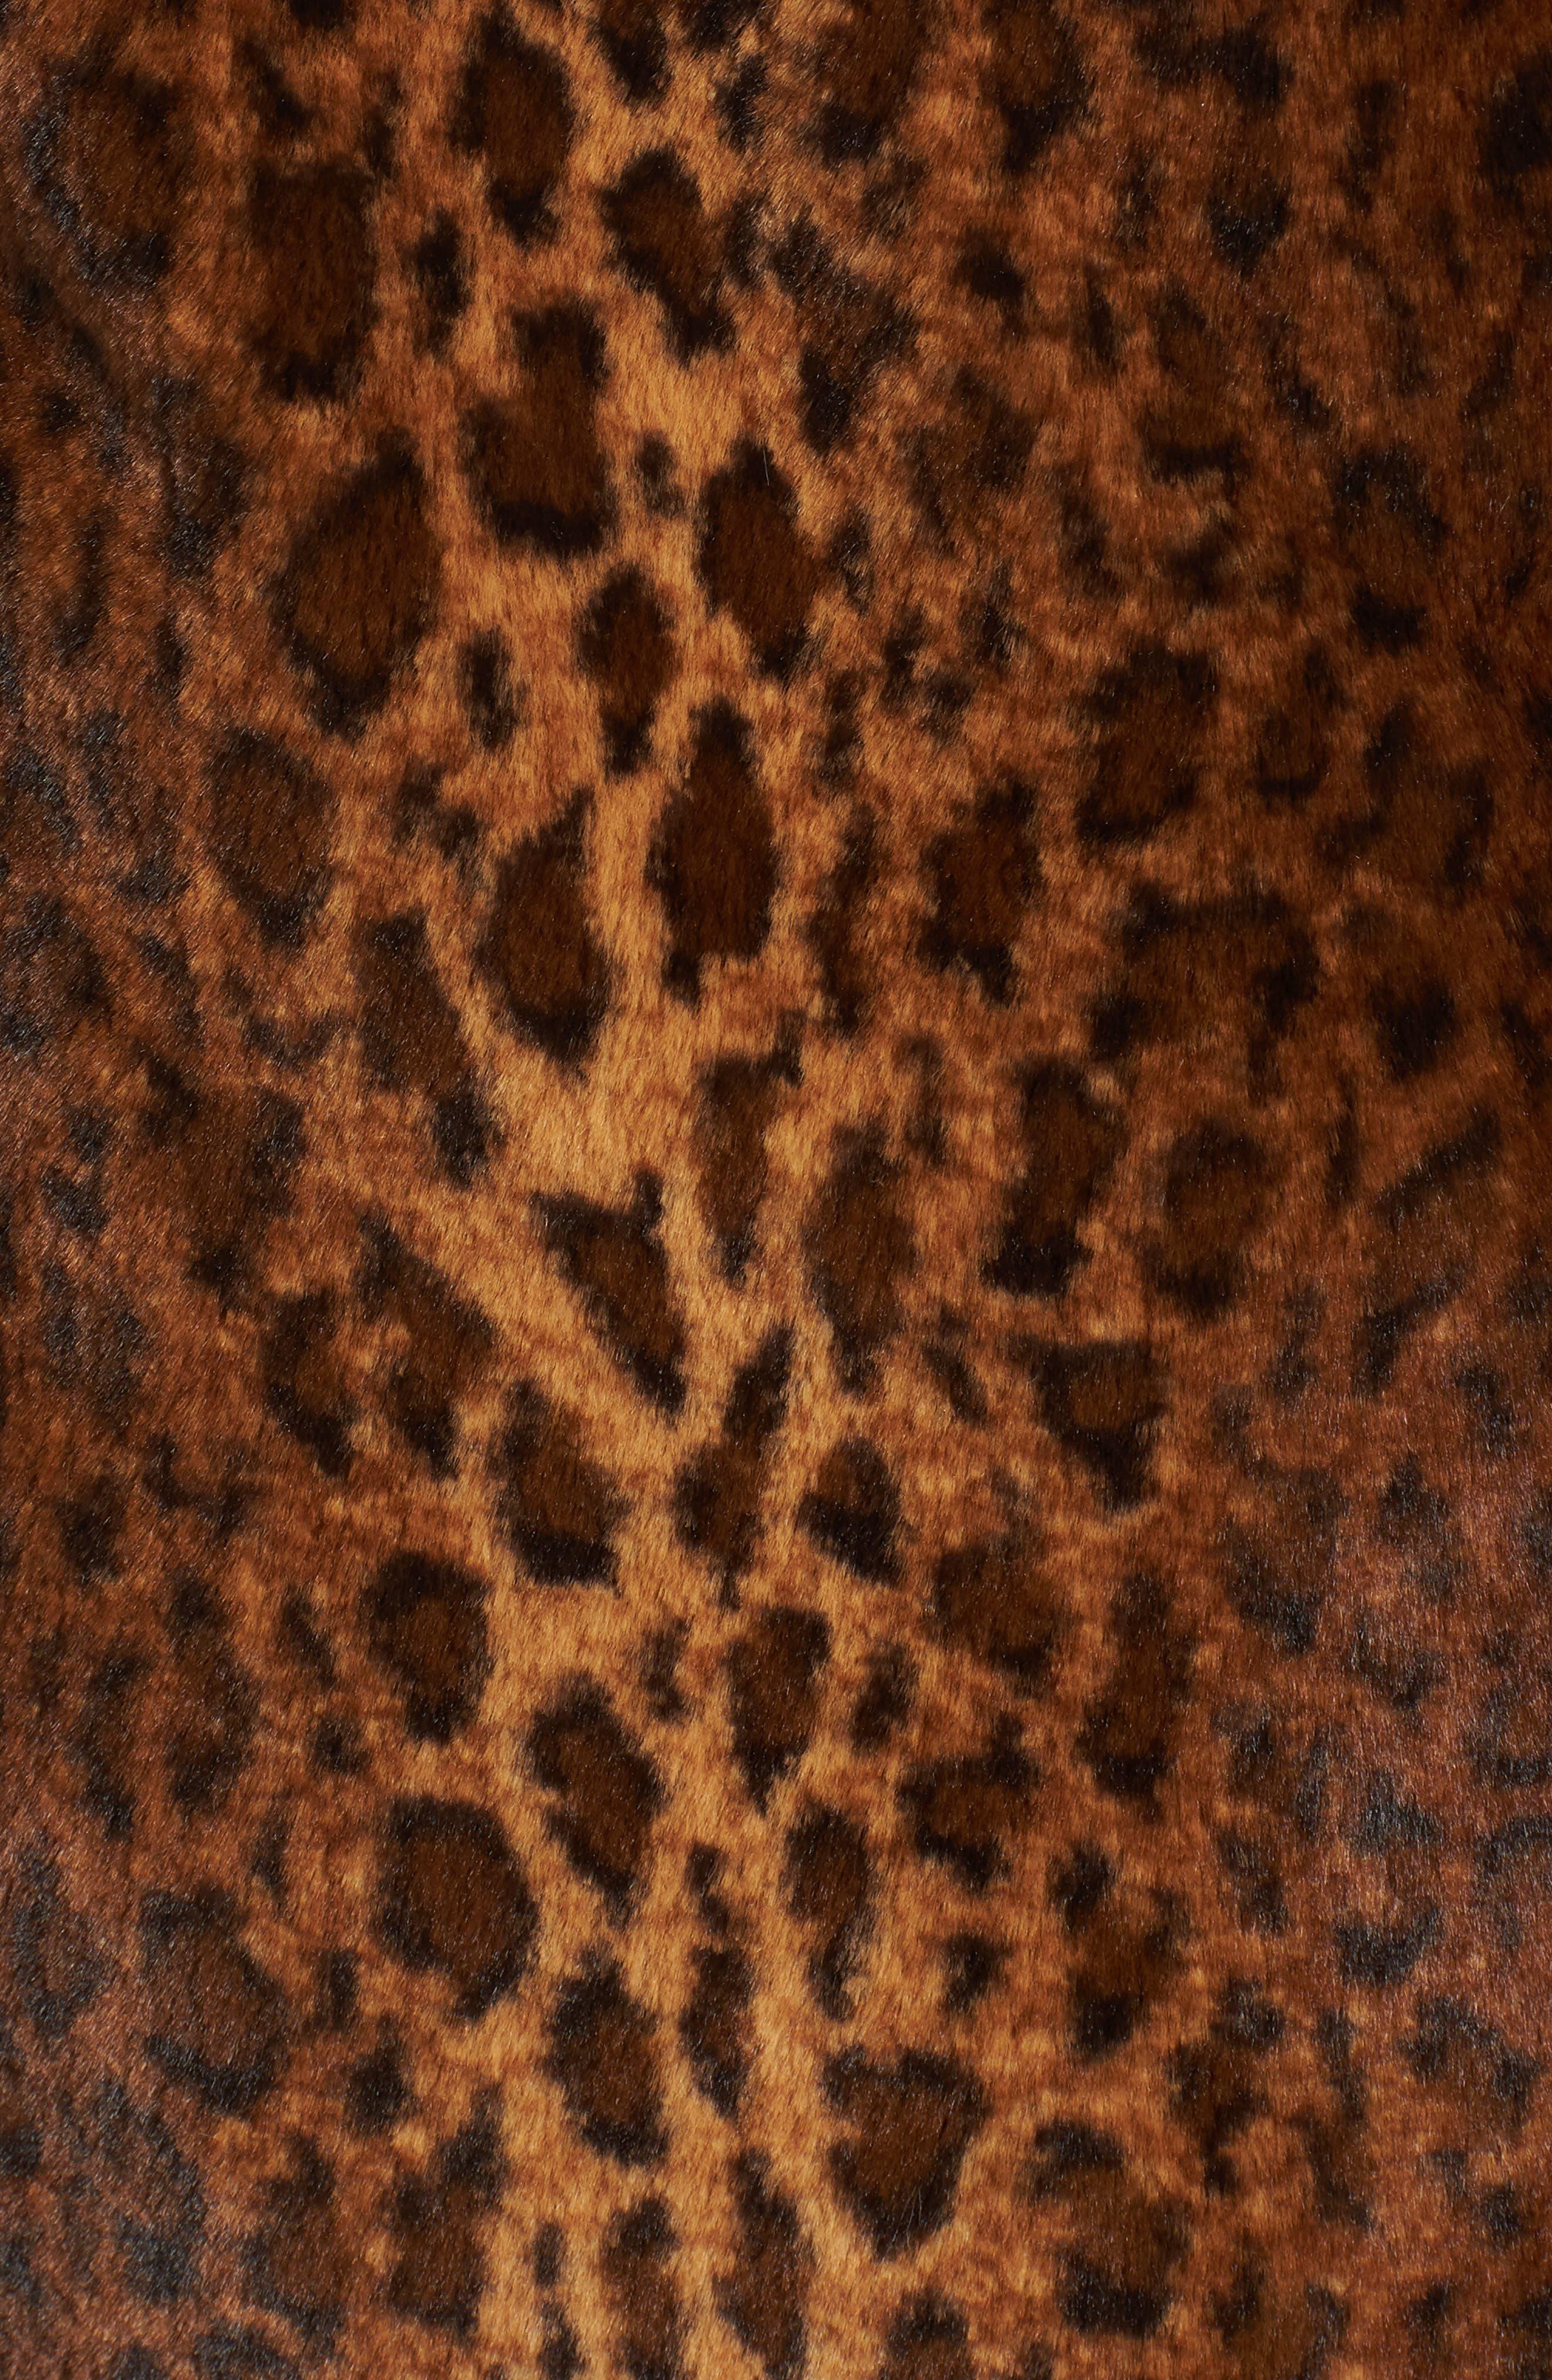 Faux Fur Leopard Print Coat,                             Alternate thumbnail 7, color,                             206